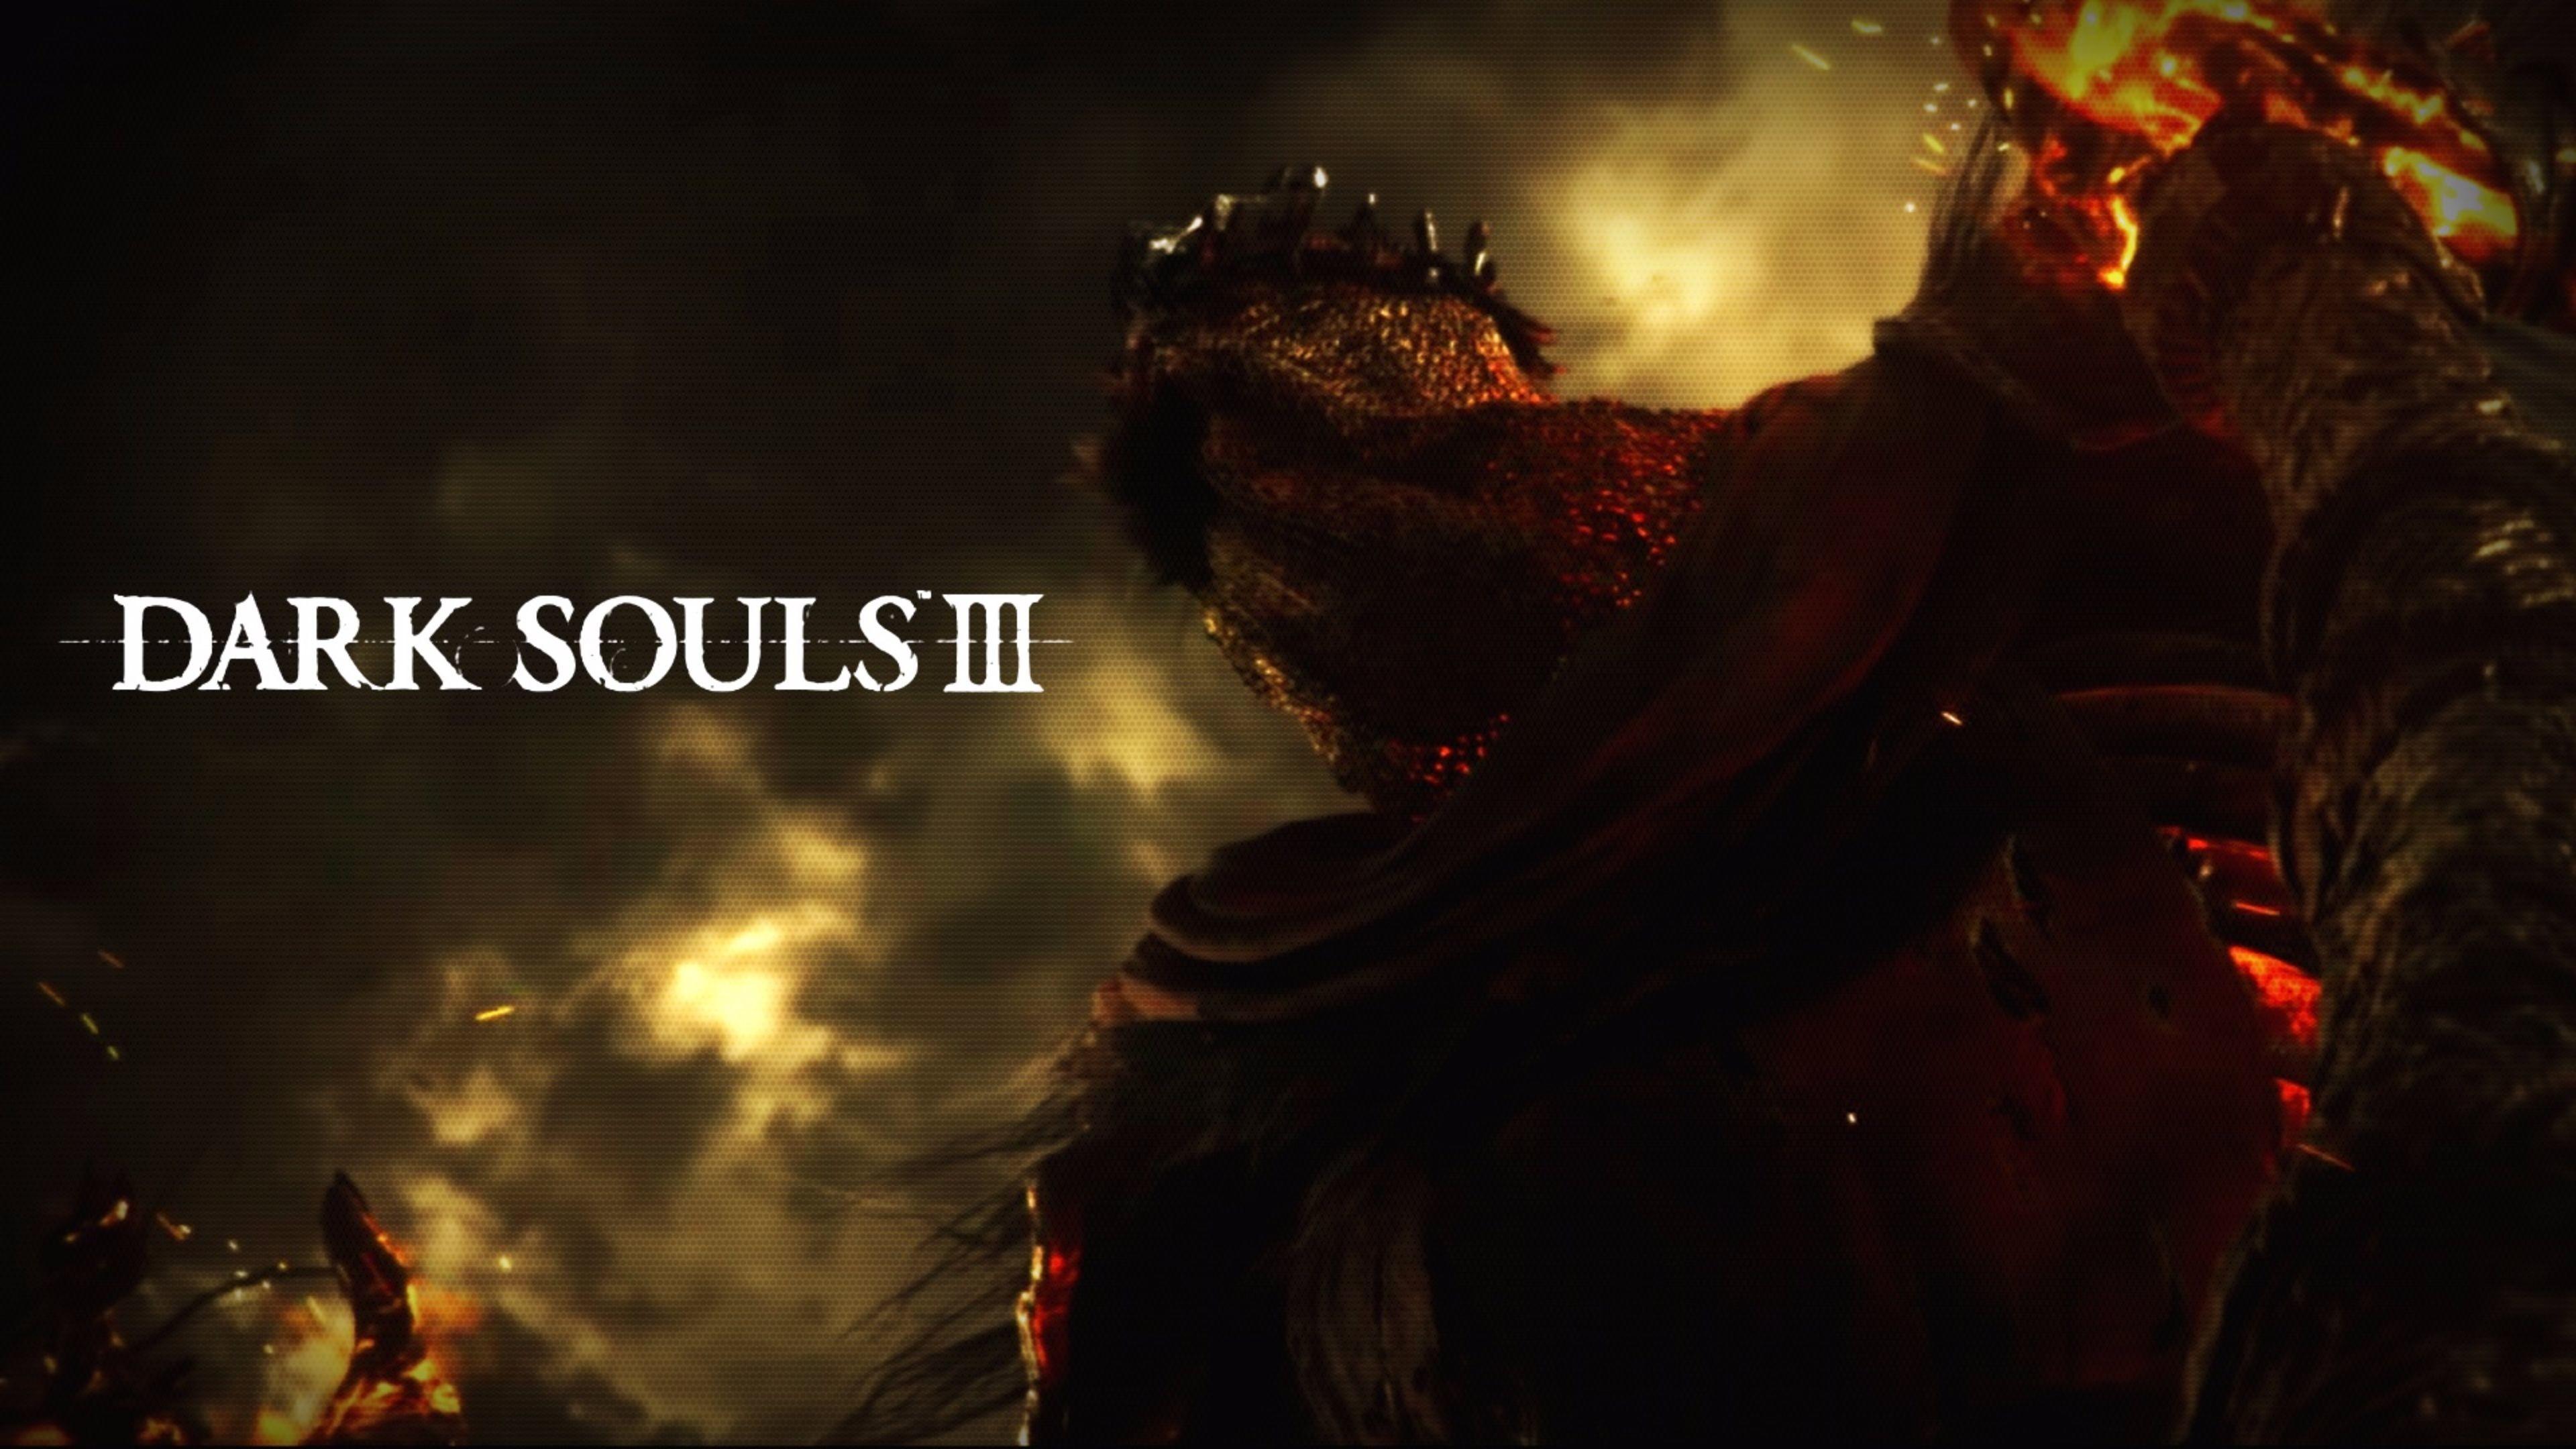 Dark Souls 3 4K UHD Wallpaper 3840×2160